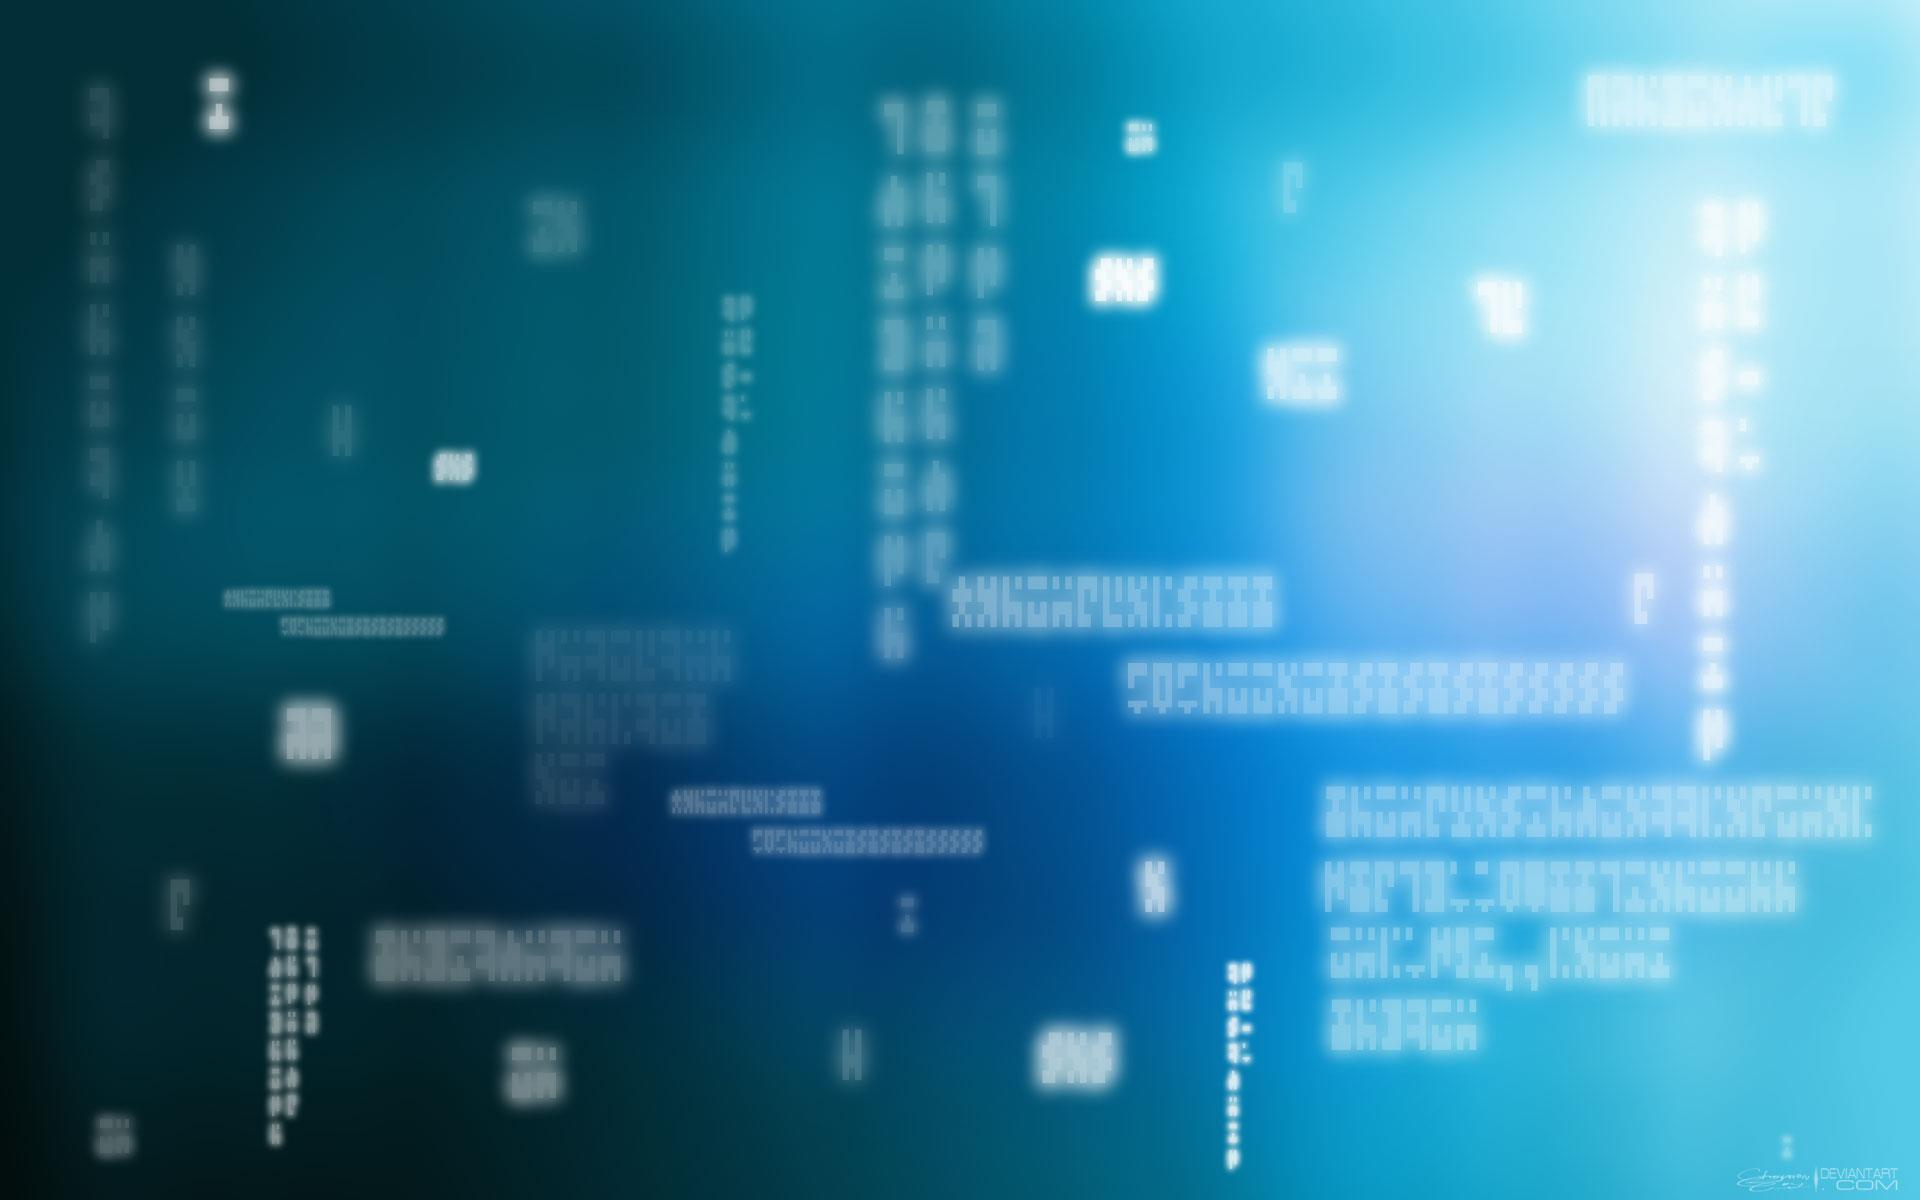 fond-ecran-gratuit-texte-et-message-sur-bureau-ordinateur-5